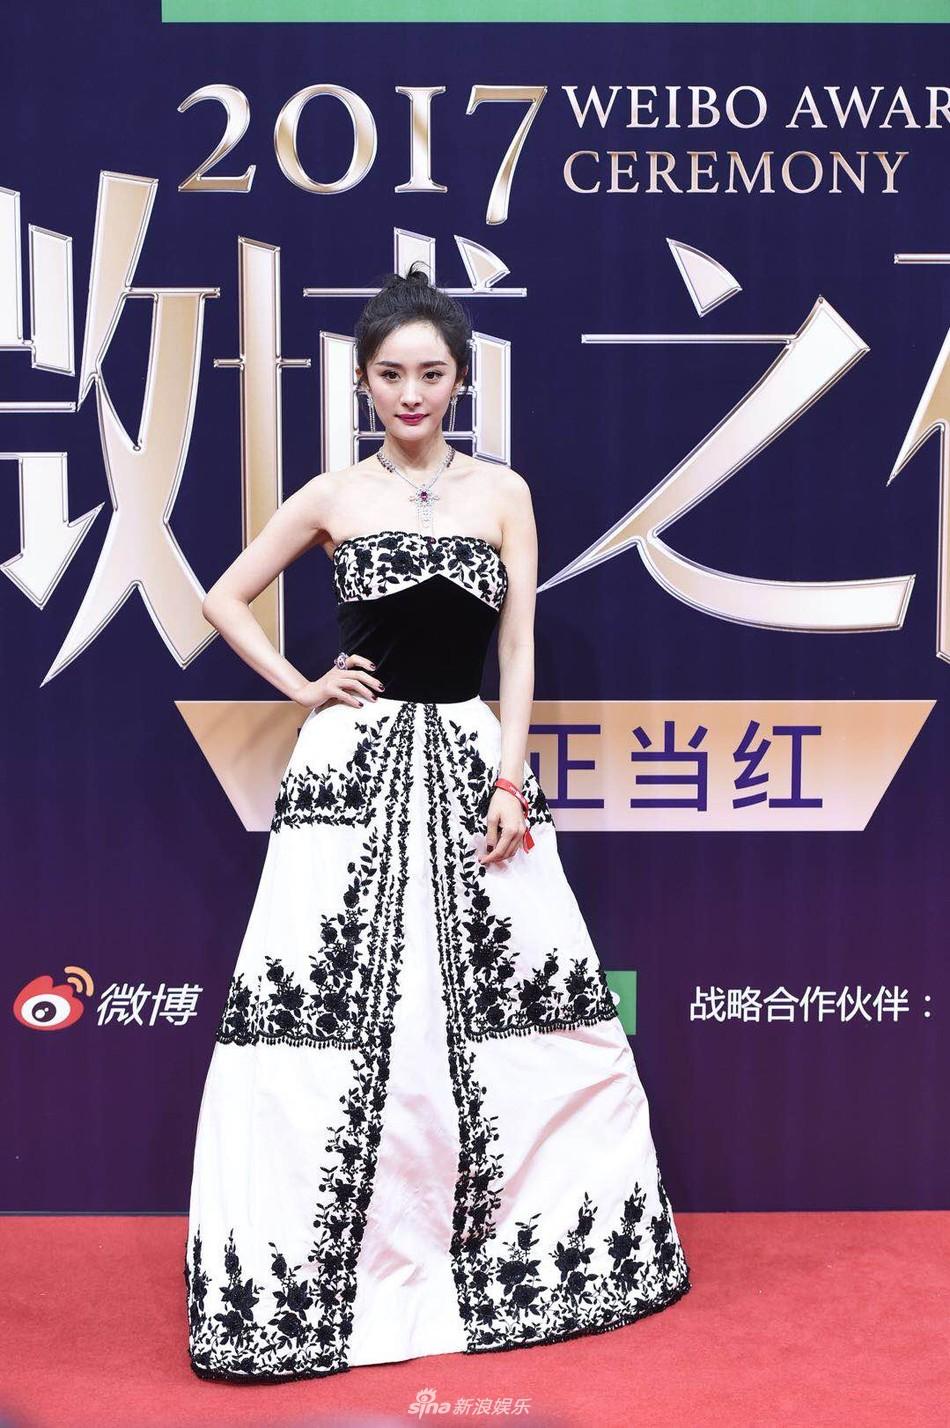 Thảm đỏ Weibo: Angela Baby xuống sắc không phanh, Dương Mịch - Na Trát cùng dàn mỹ nhân cạnh tranh nhan sắc khốc liệt - Ảnh 10.